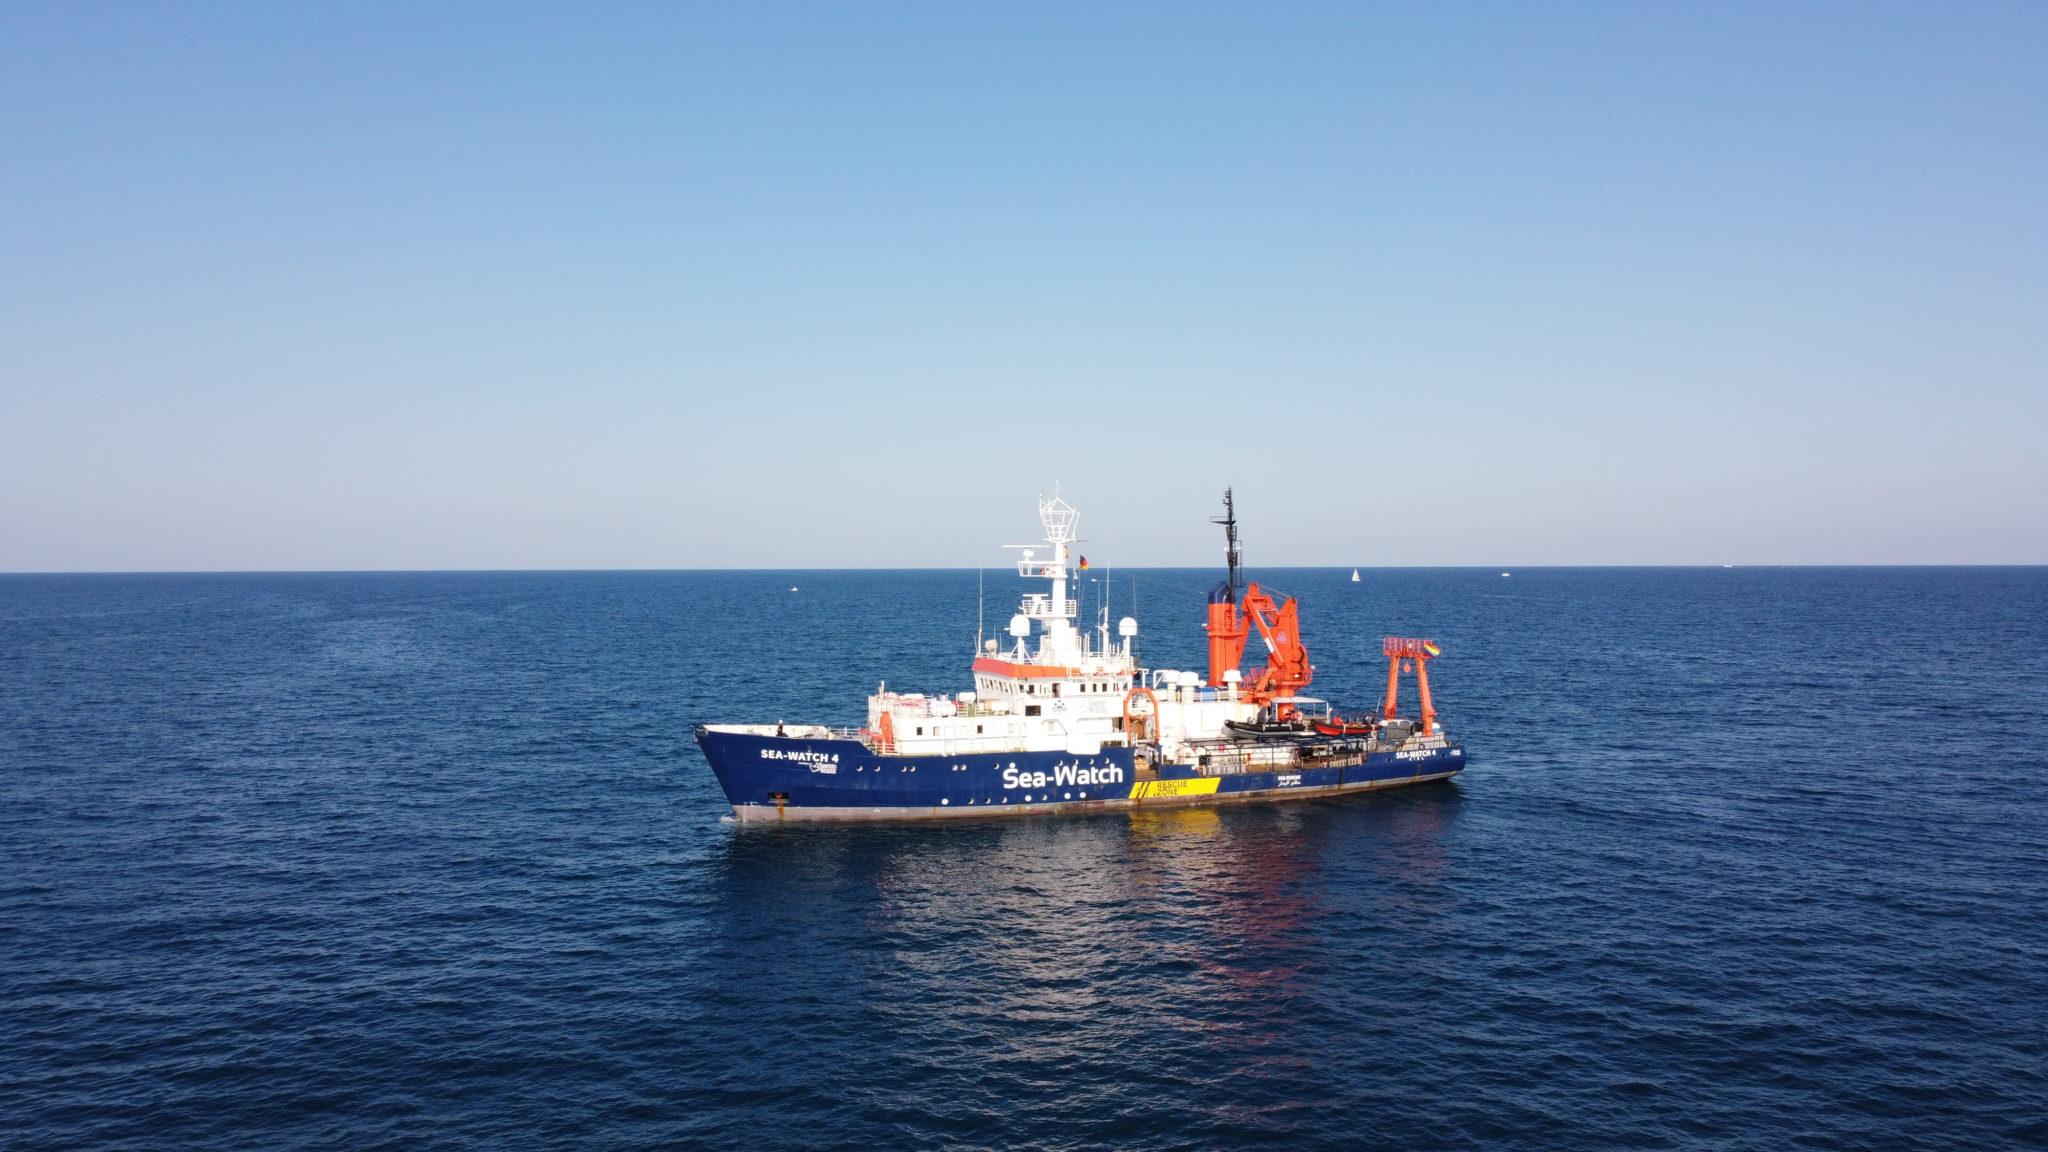 Die Sea-Watch 4 fährt auf offener See zu einer Flüchtlingsrettungsmission